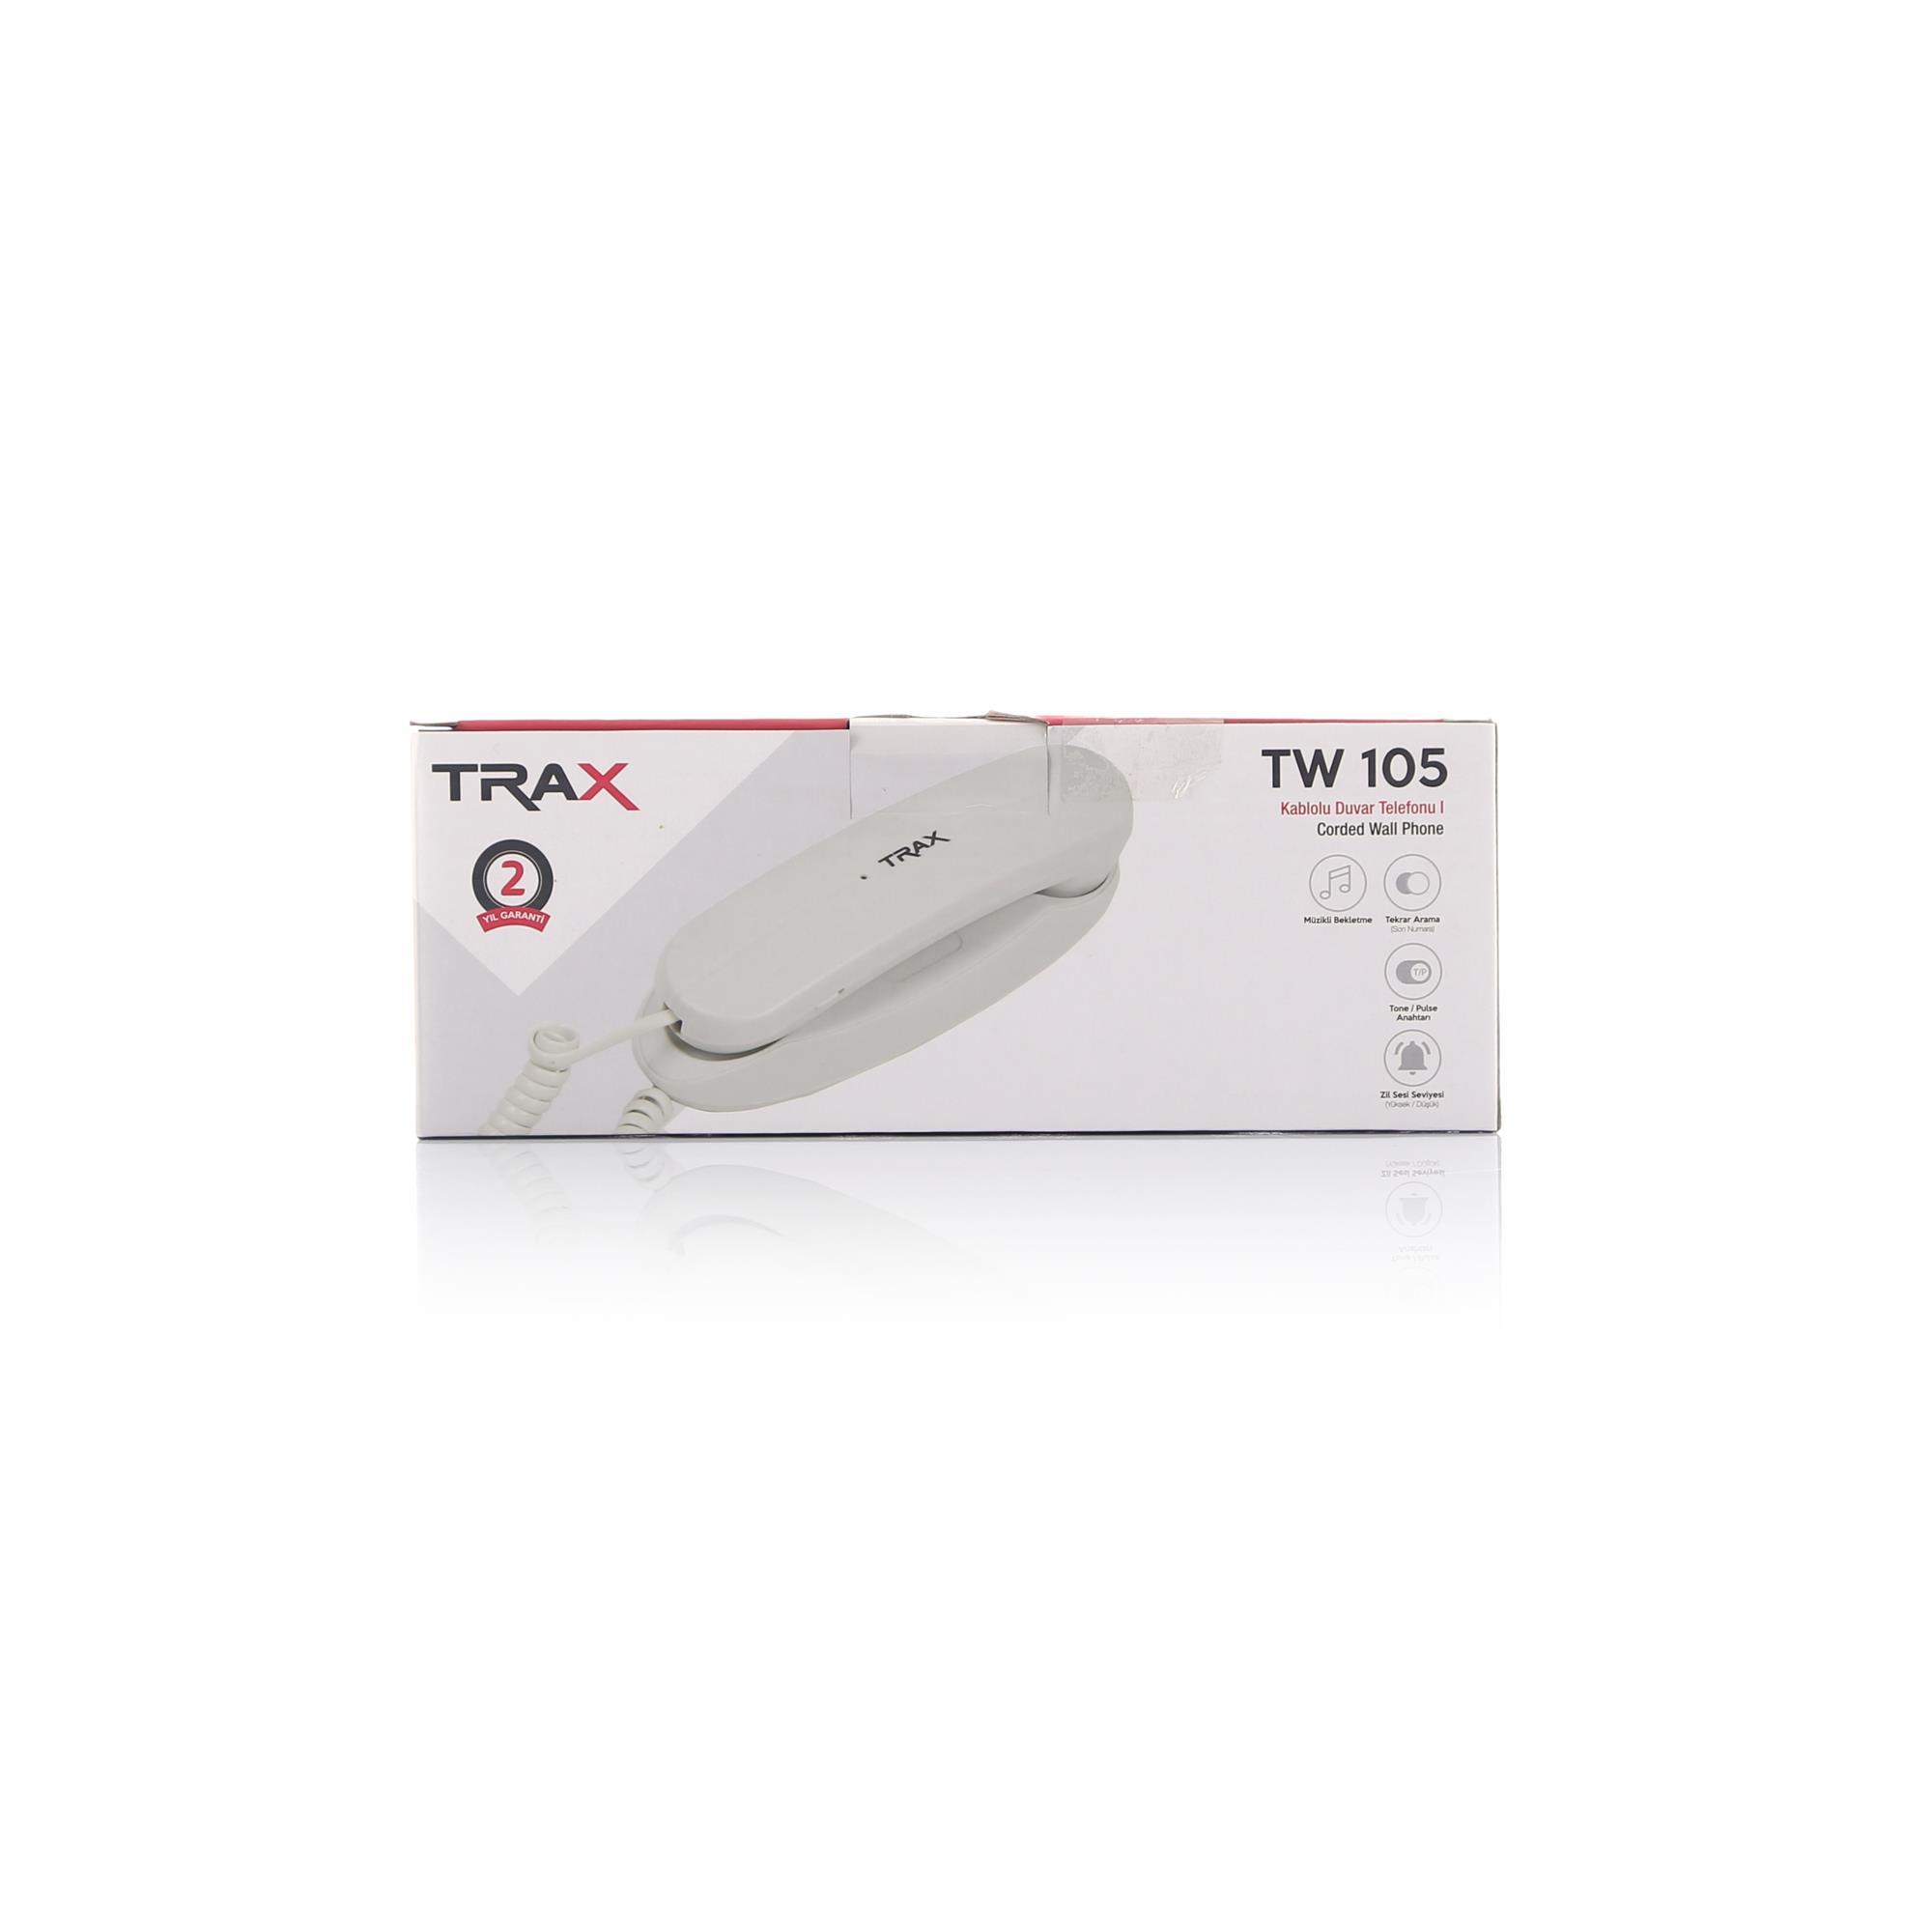 TRAX TW 105 DUVAR TELEFONU